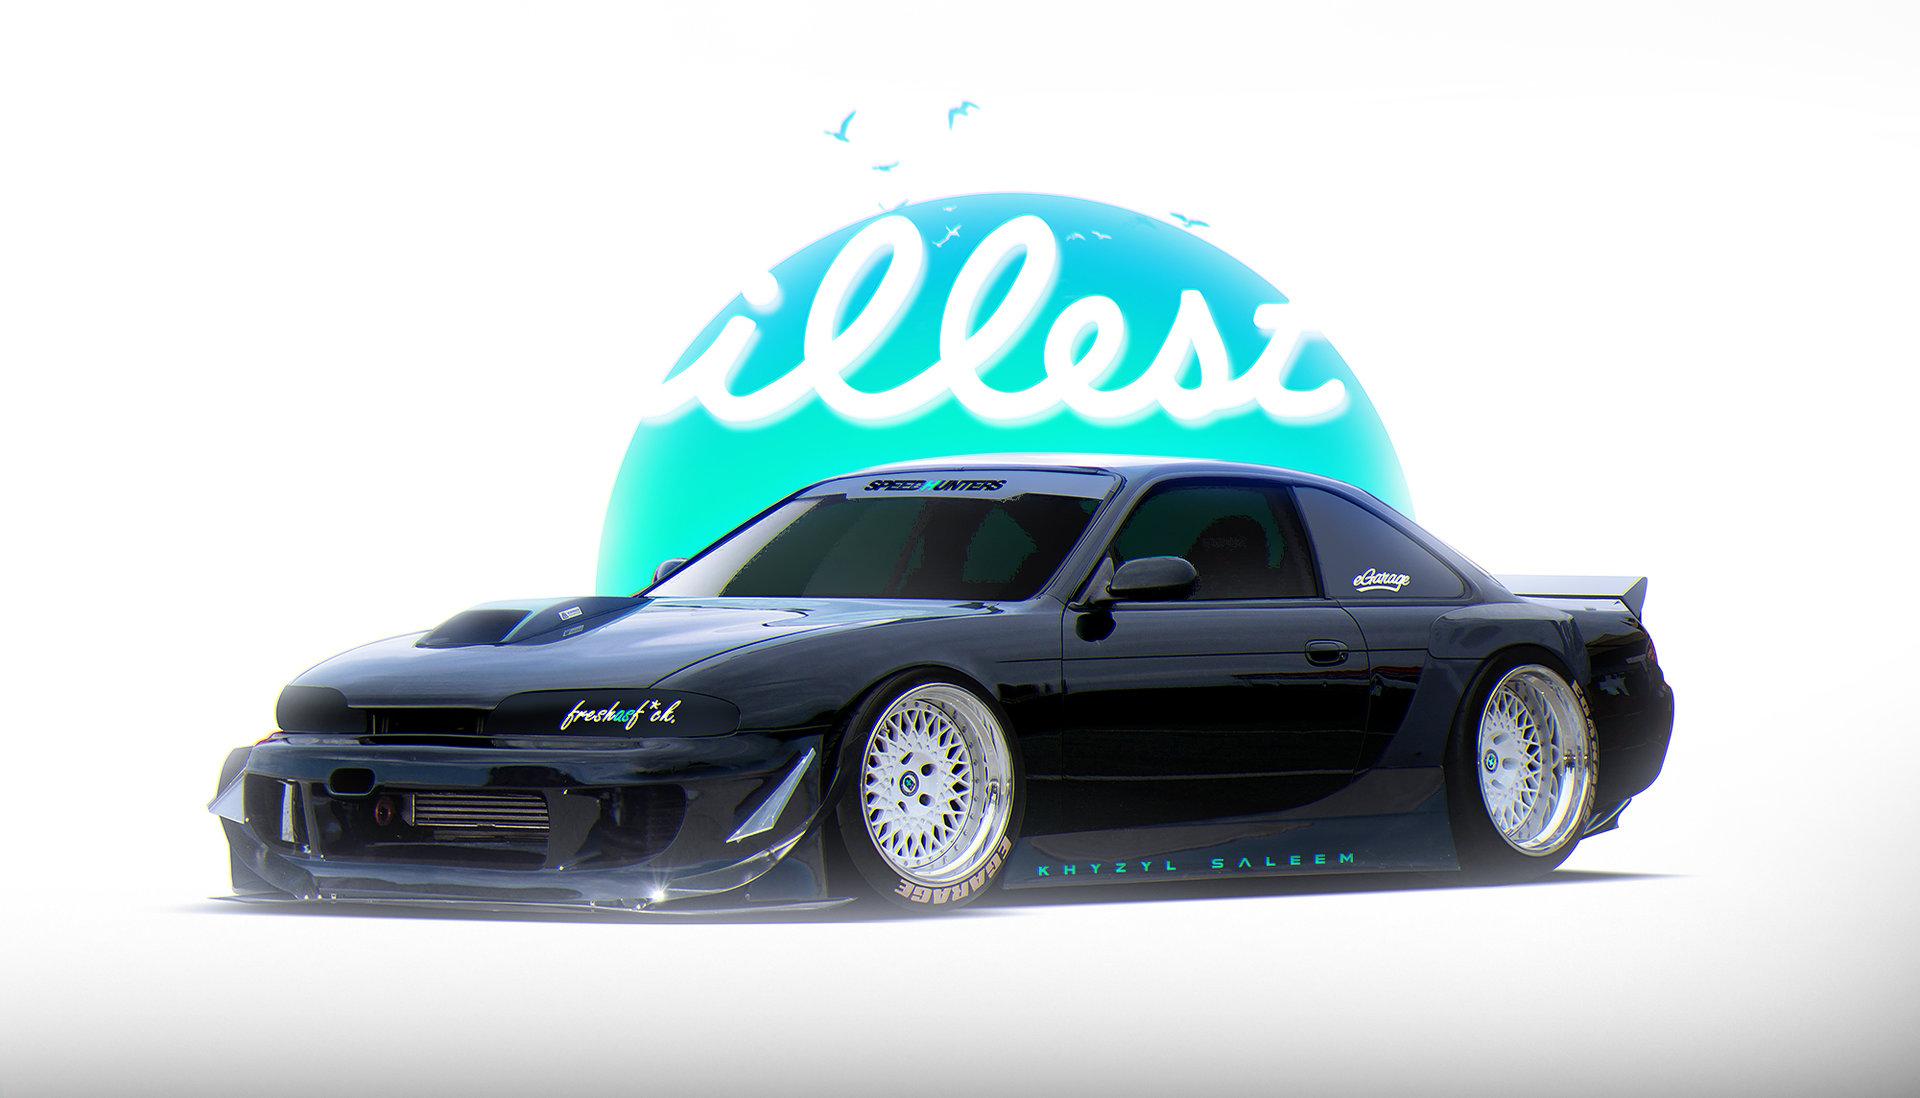 Hd Future Cars Wallpapers Khyzyl Saleem S14